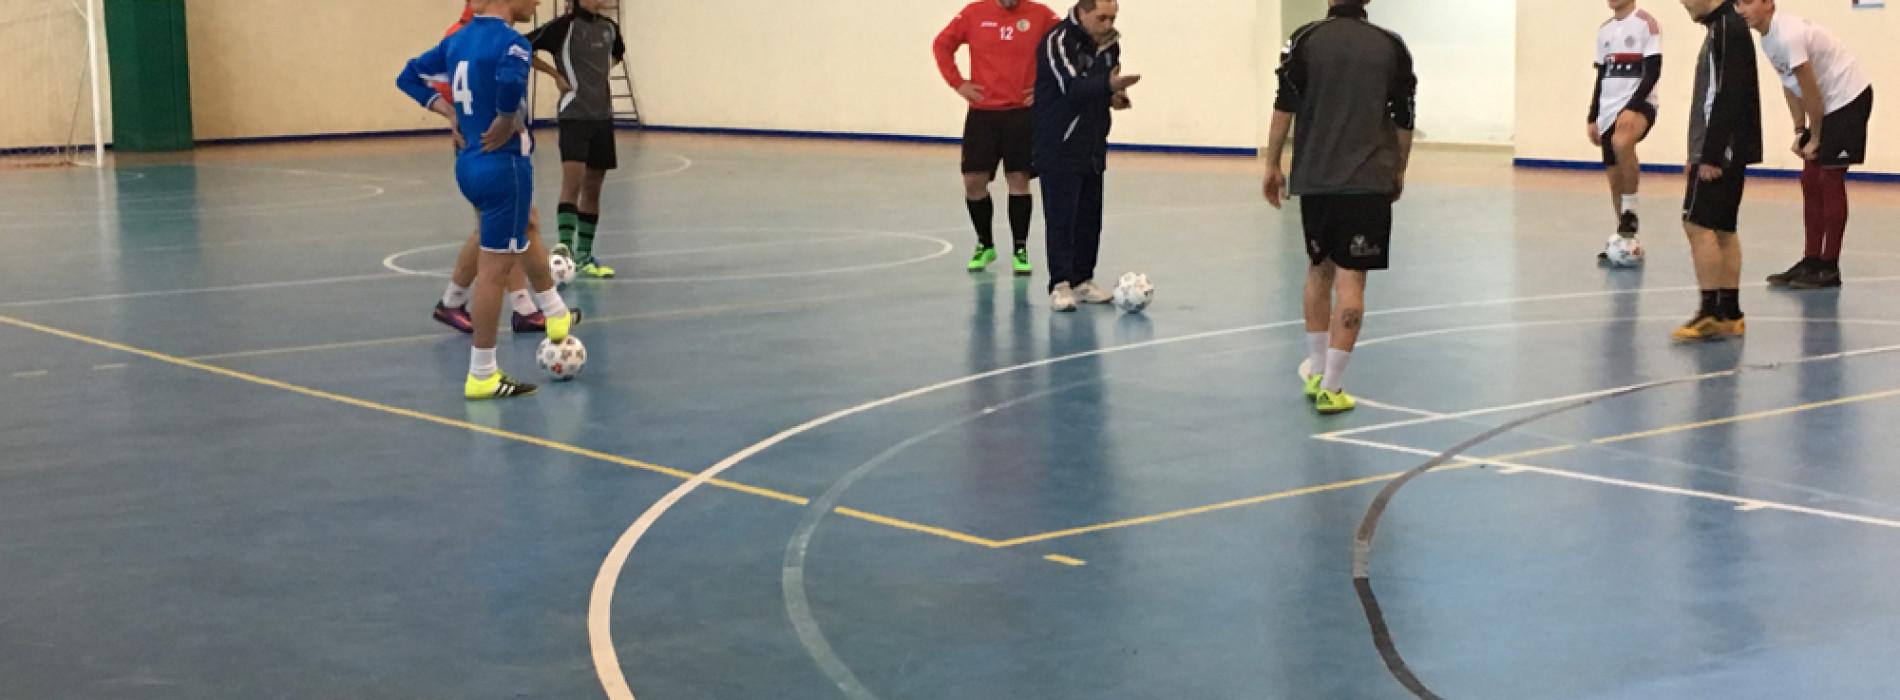 Futsal: Juniores, Femminile, Allievi e Giovanissimi raduni in vista del TdR